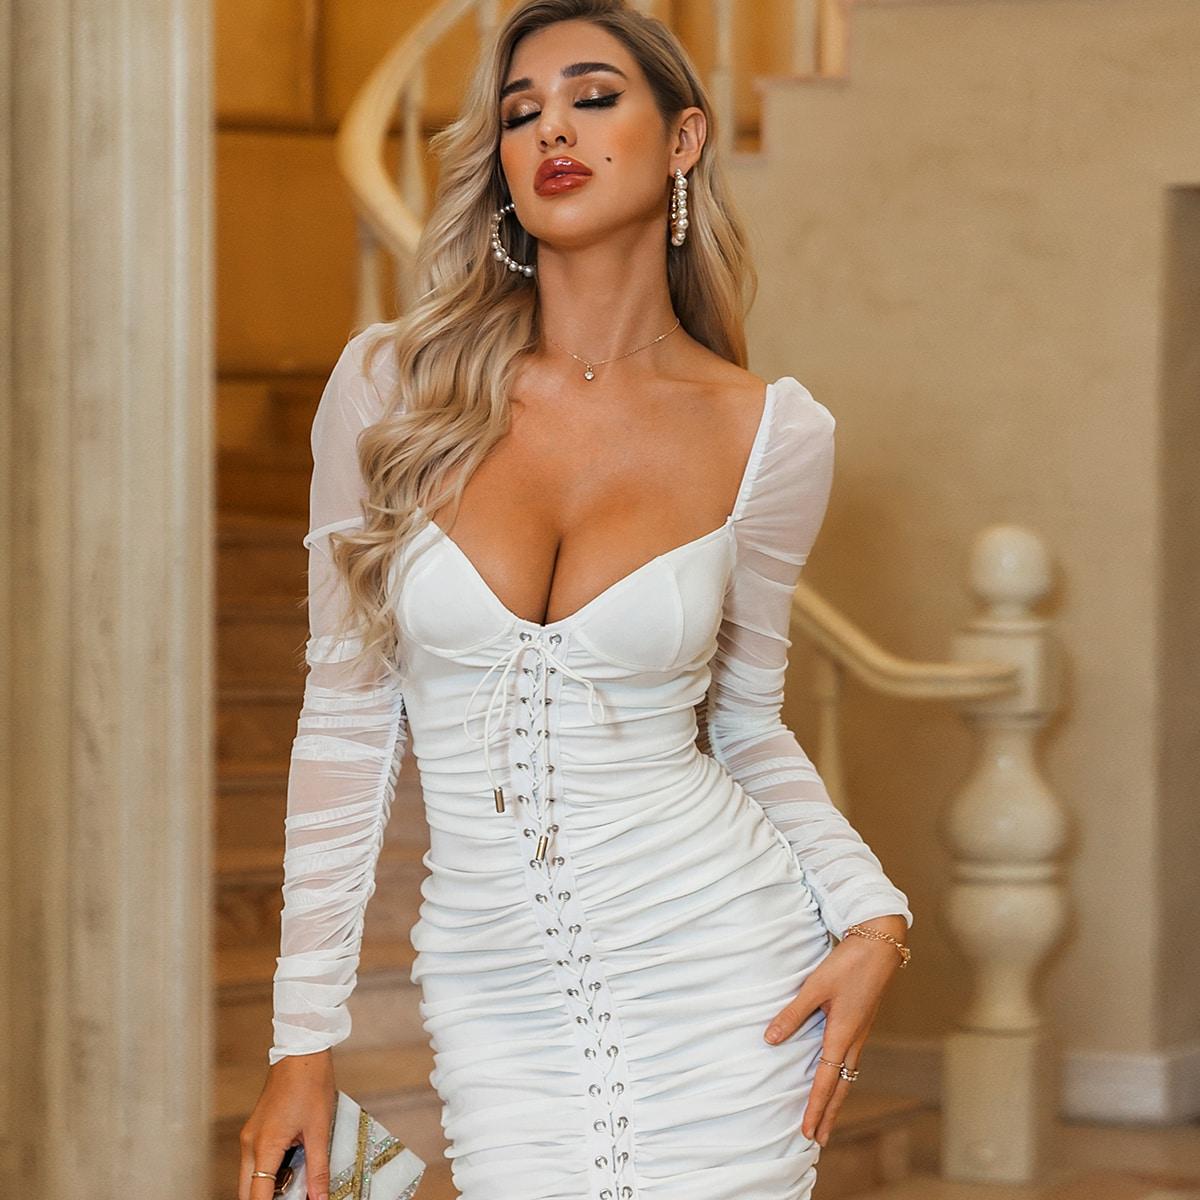 Glamaker облегающее платье на шнурках с глубоким вырезом фото